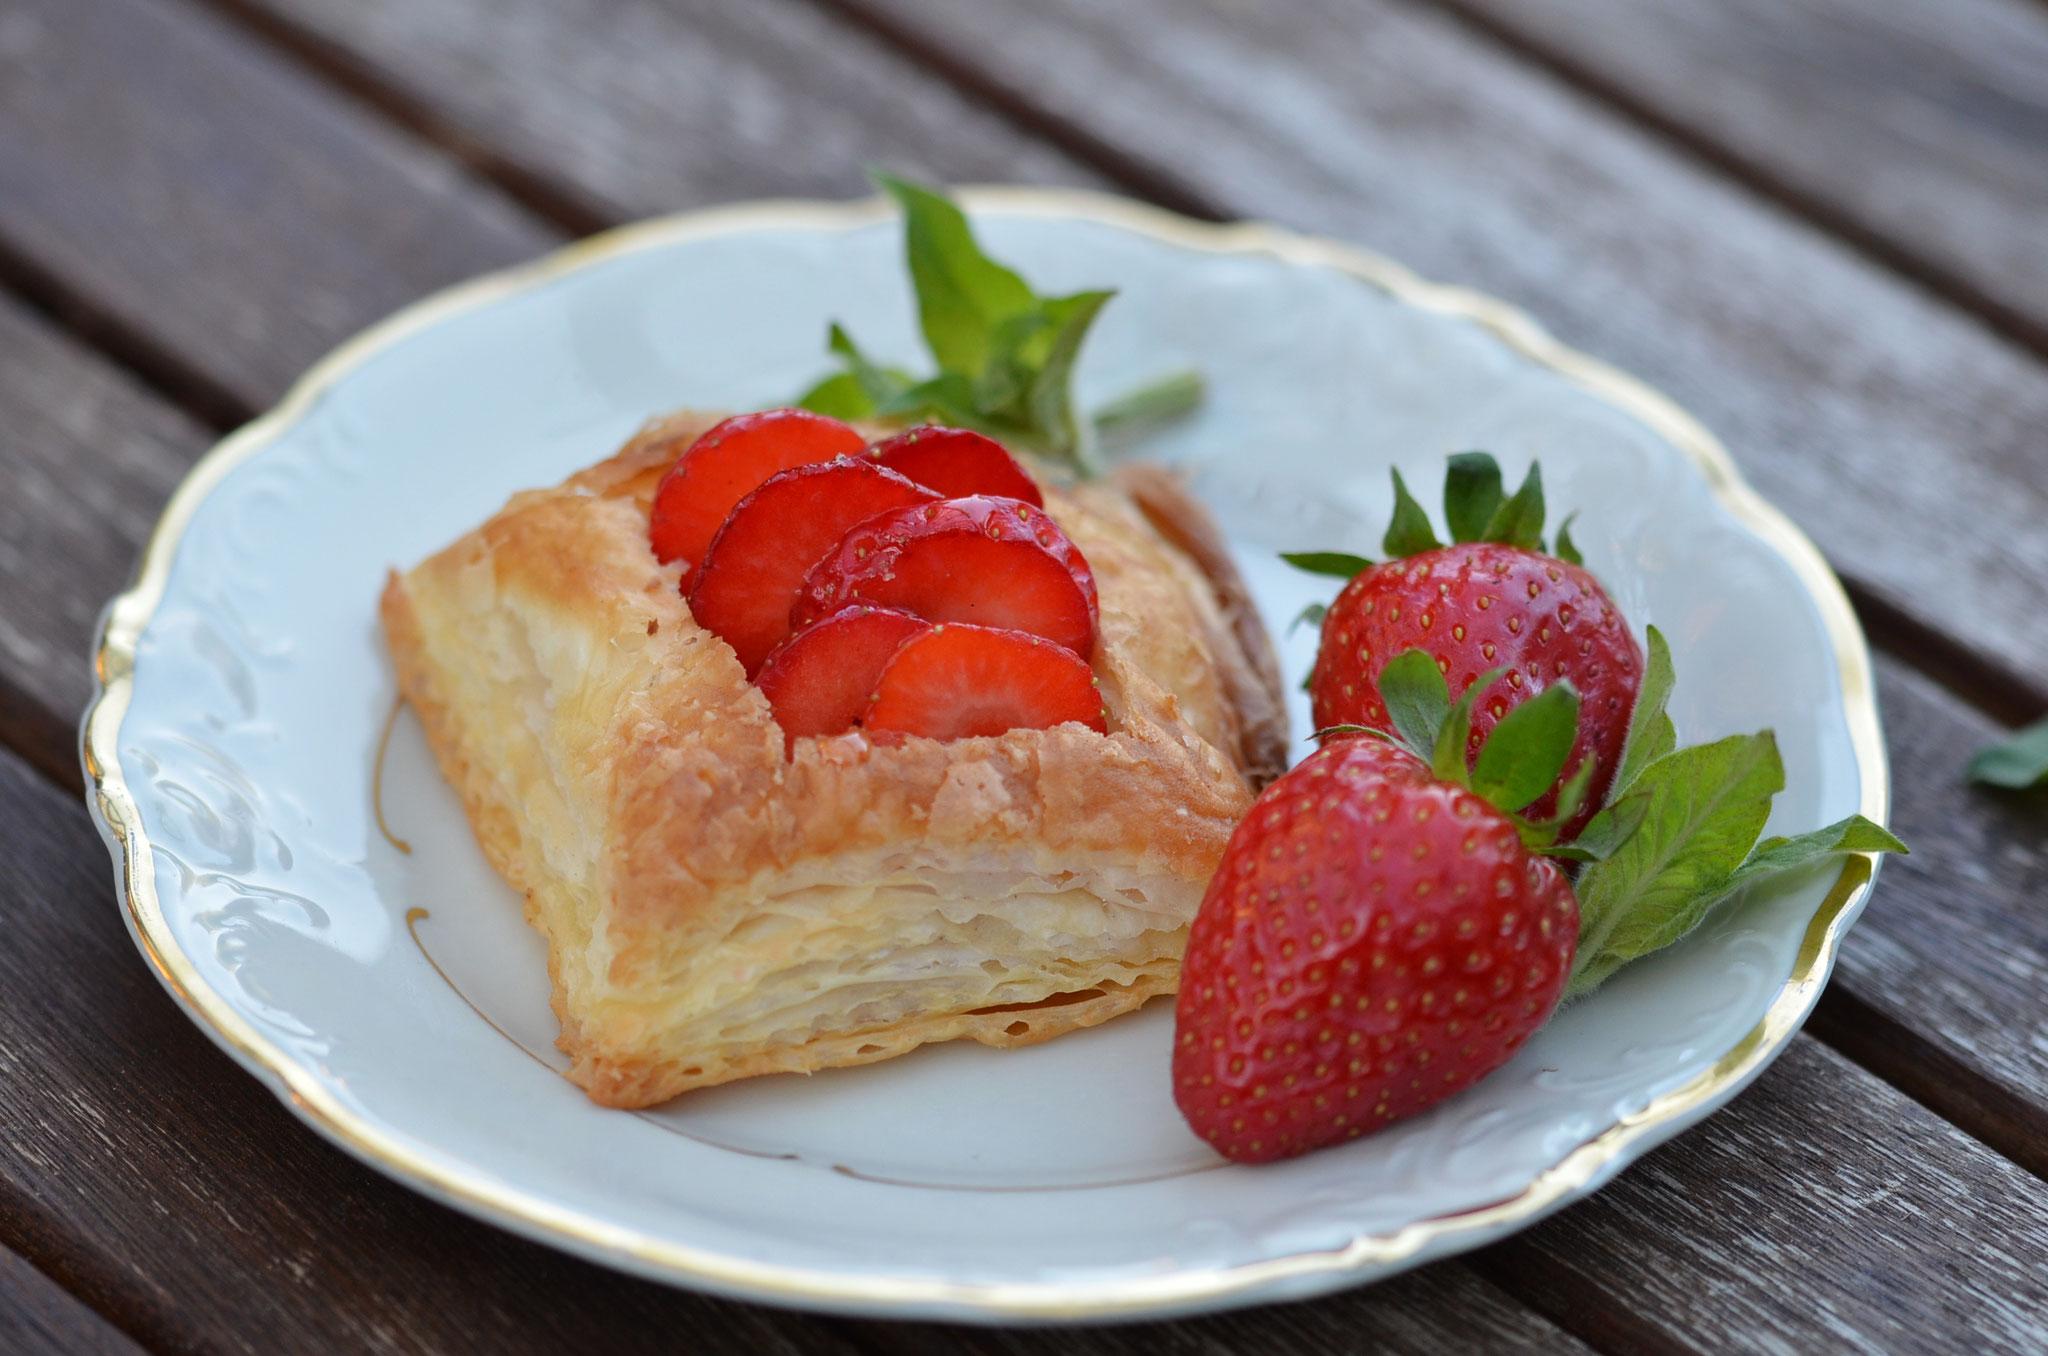 luftige Blätterteig-Erdbeer-Körbchen